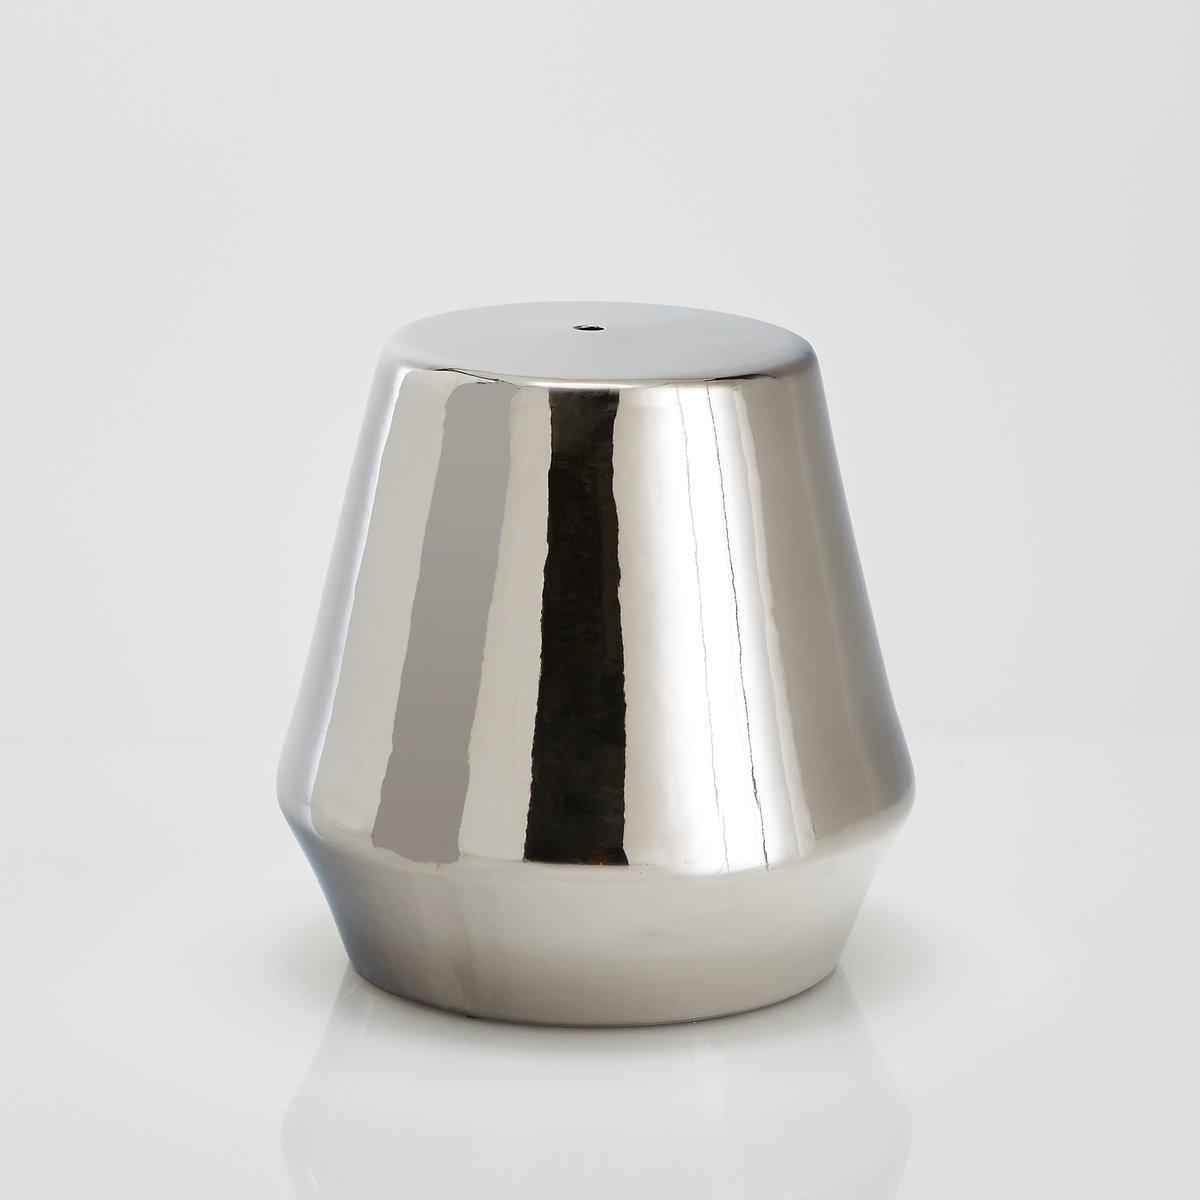 Столик журнальный или прикроватный из керамики, AmibiХарактеристики столика Amibi  :Эмалированная керамика   .Размеры столика Amibi  :ОбщиеДиаметр : 40 смВысота : 40 смДругие предметы декора - в коллекции на сайте laredoute..Размеры и вес ящика :1 упаковка50 x 53 x 51 см 9 кг Доставка :Столик Amibi будет доставлен до вашей квартиры !Внимание : Убедитесь, что посылку возможно доставить на дом, учитывая ее габариты.:..<br><br>Цвет: серебристый,черный<br>Размер: единый размер.единый размер